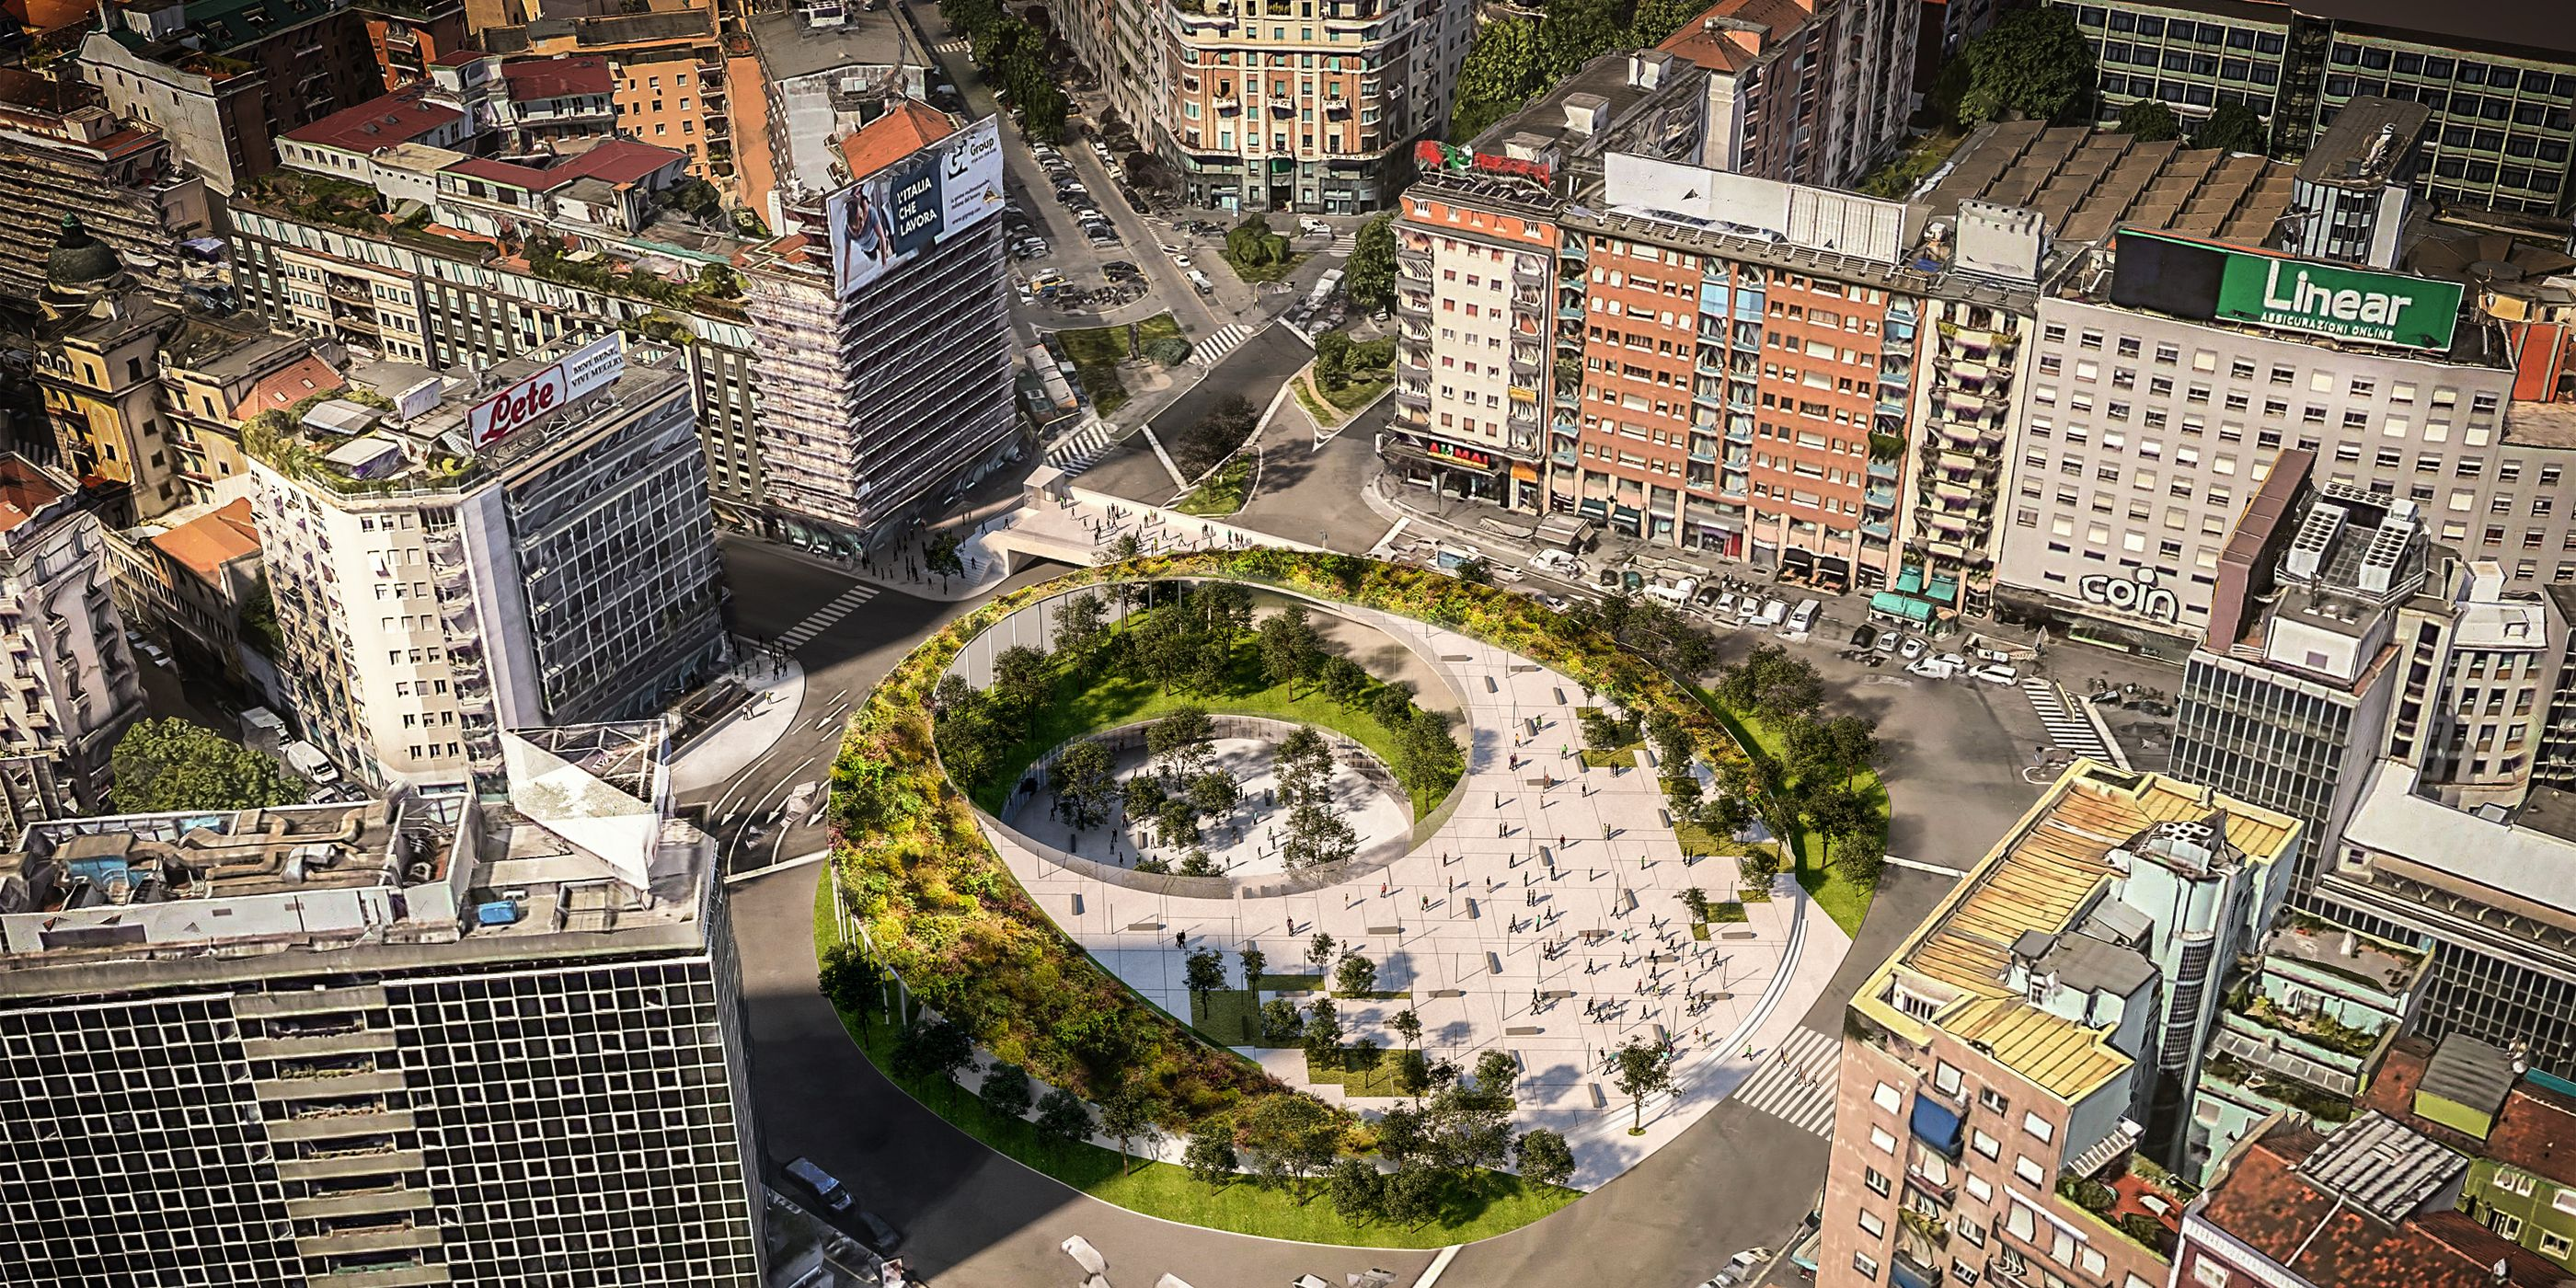 Progetto proposto dallo studio Antonio Citterio Patricia Viel per la rivalutazione di Piazzale Loreto.